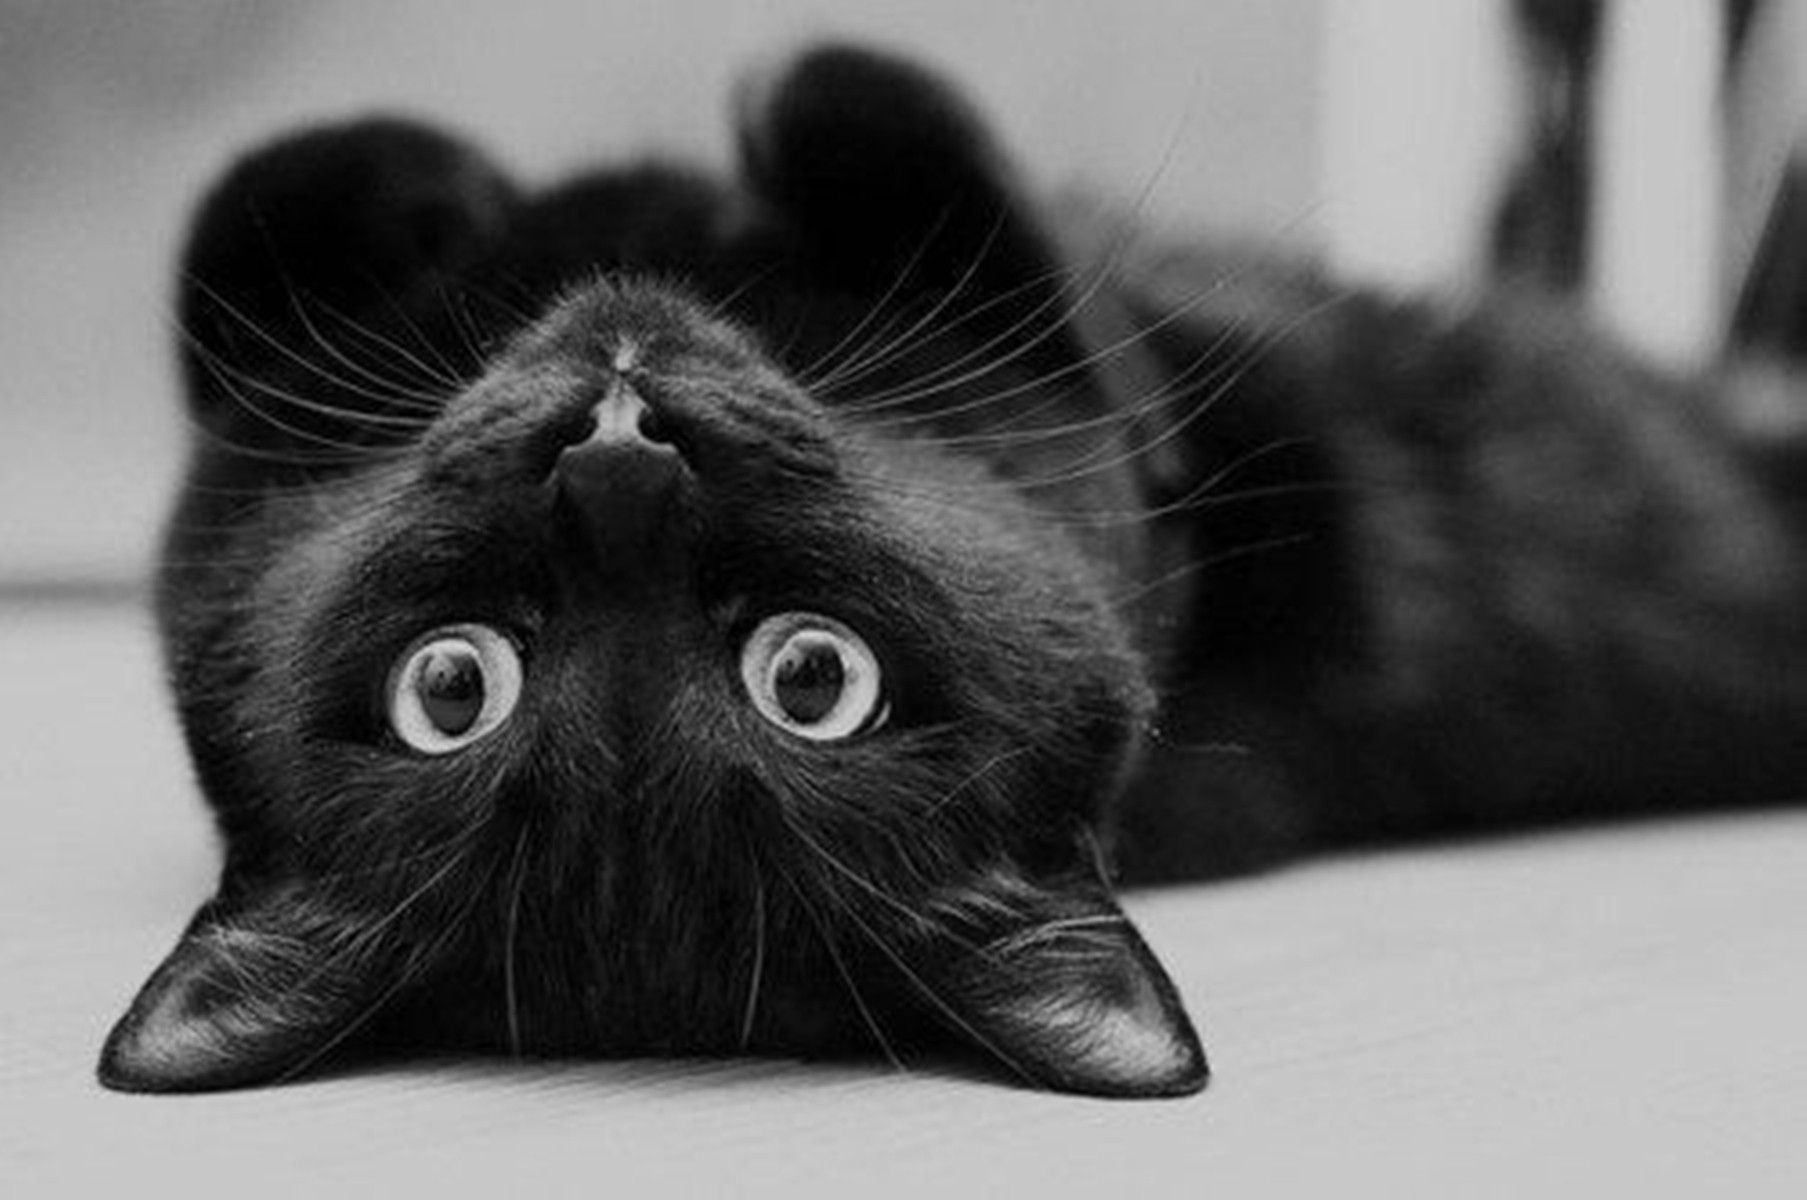 Cute Black Cat Desktop Wallpapers Top Free Cute Black Cat Desktop Backgrounds Wallpaperaccess